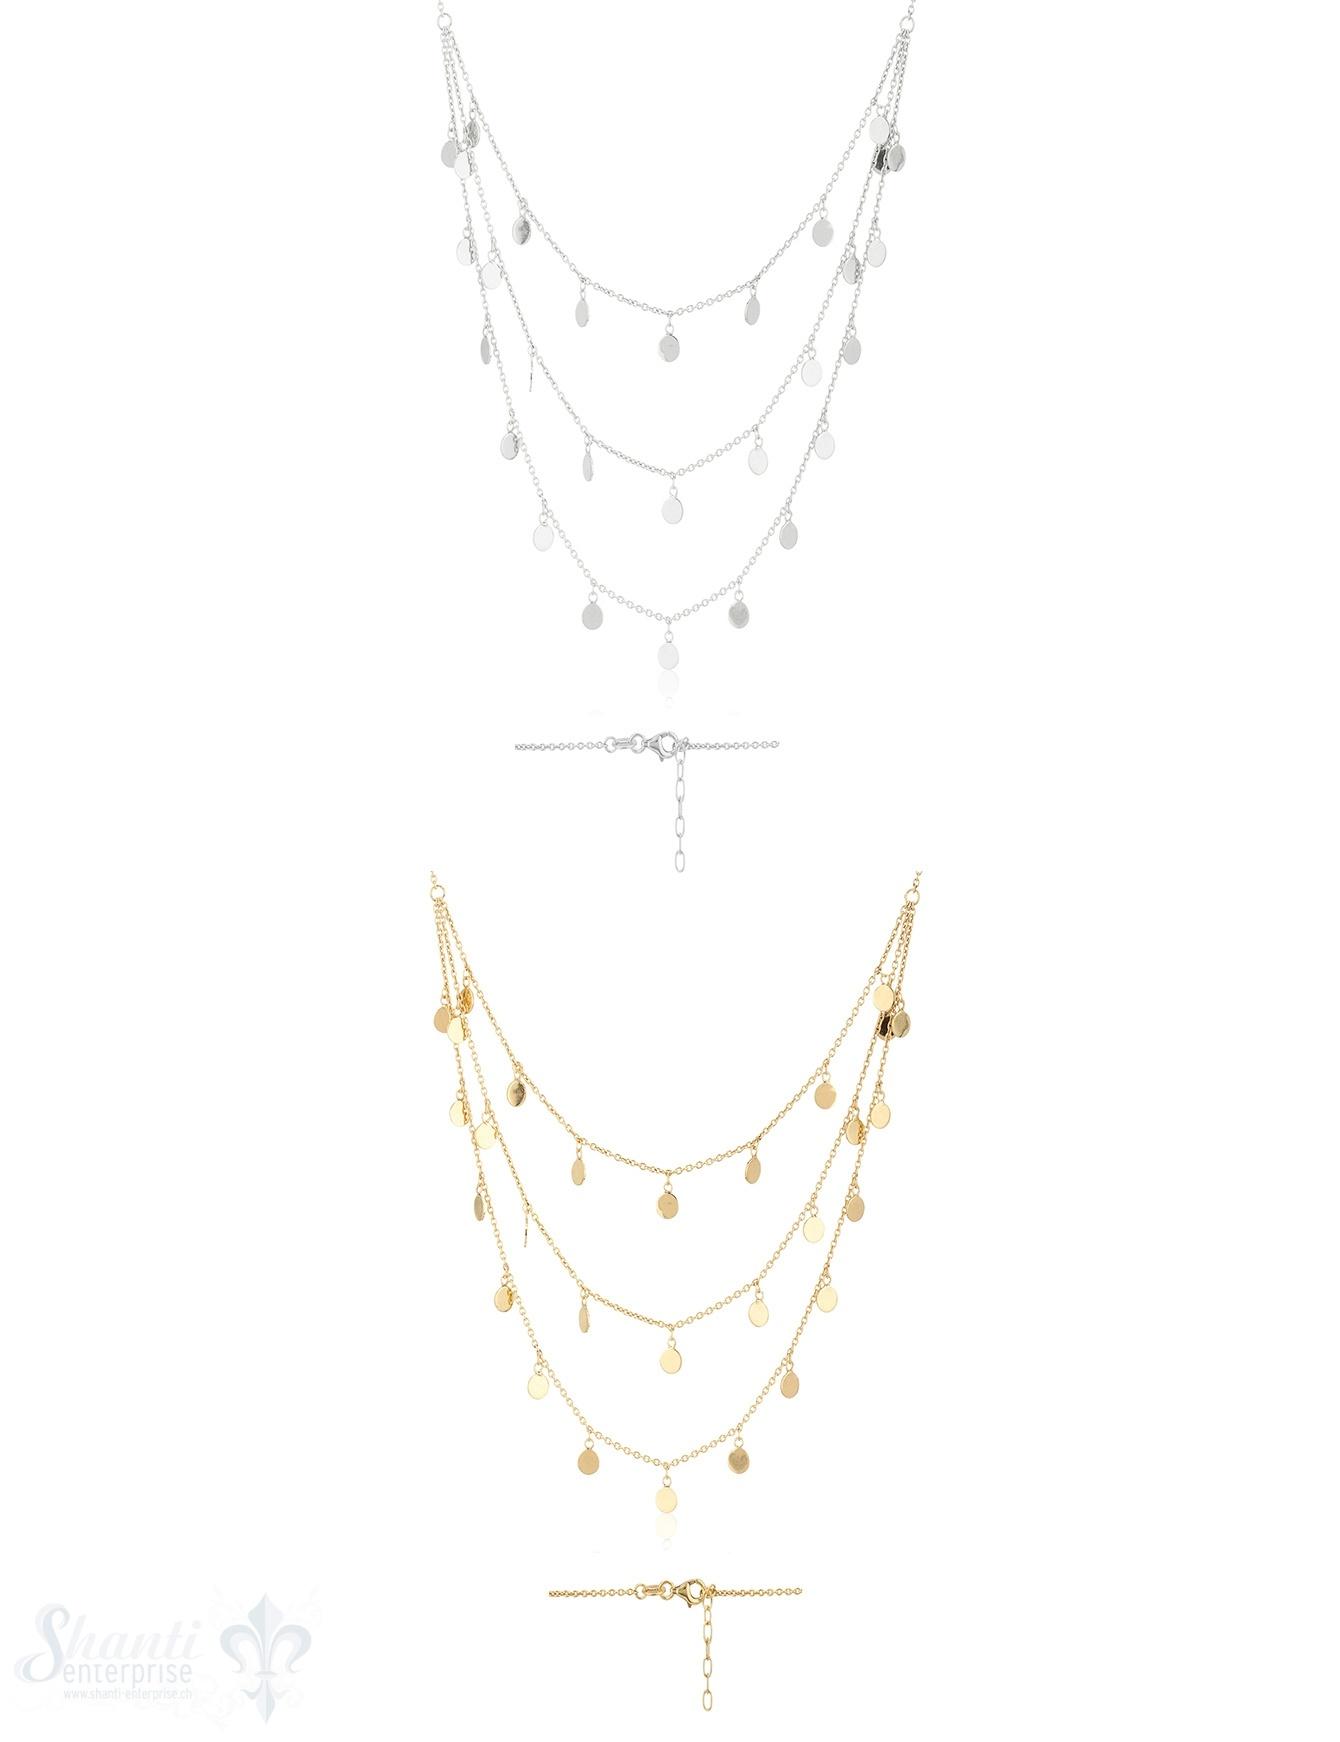 Si-Halskette:Anker 3-reihig mit Plaquetten hängend